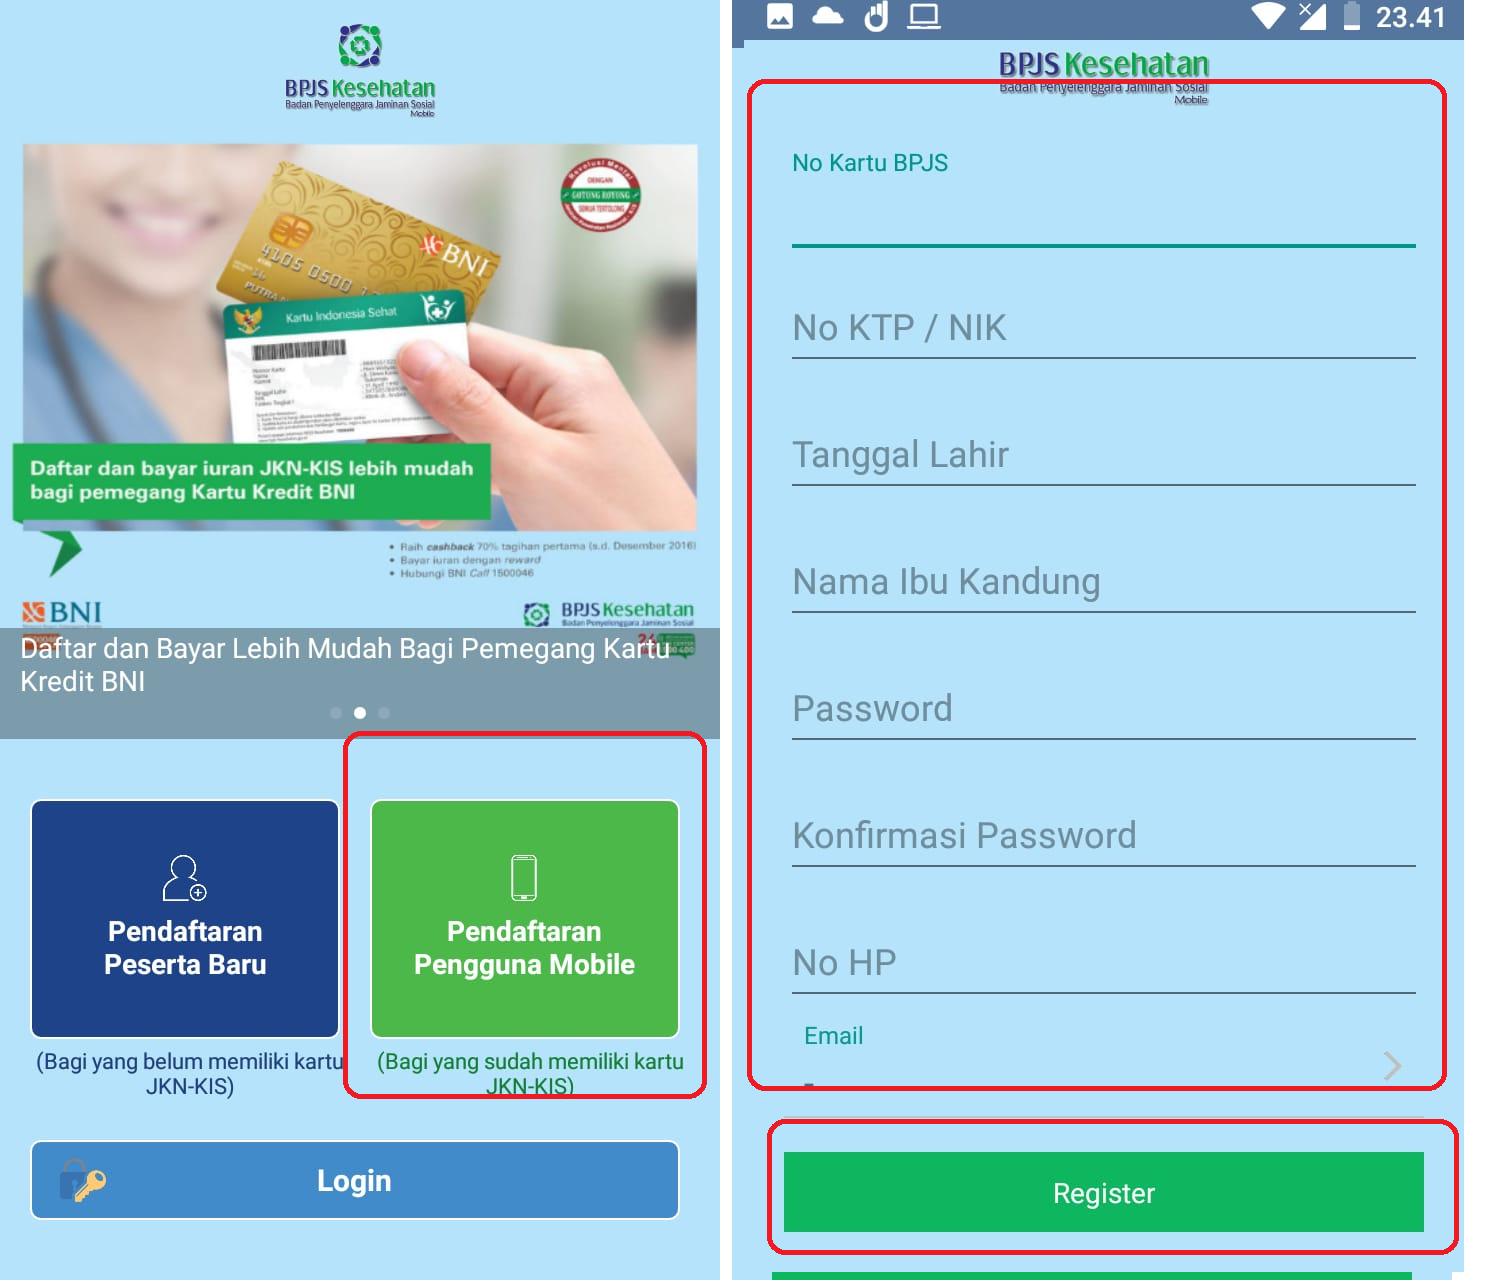 Cara Daftar Mobile Jkn Dan Mengetahui Nomer Kartu Bpjs Kesehatan Dari Virtual Account Bpjs